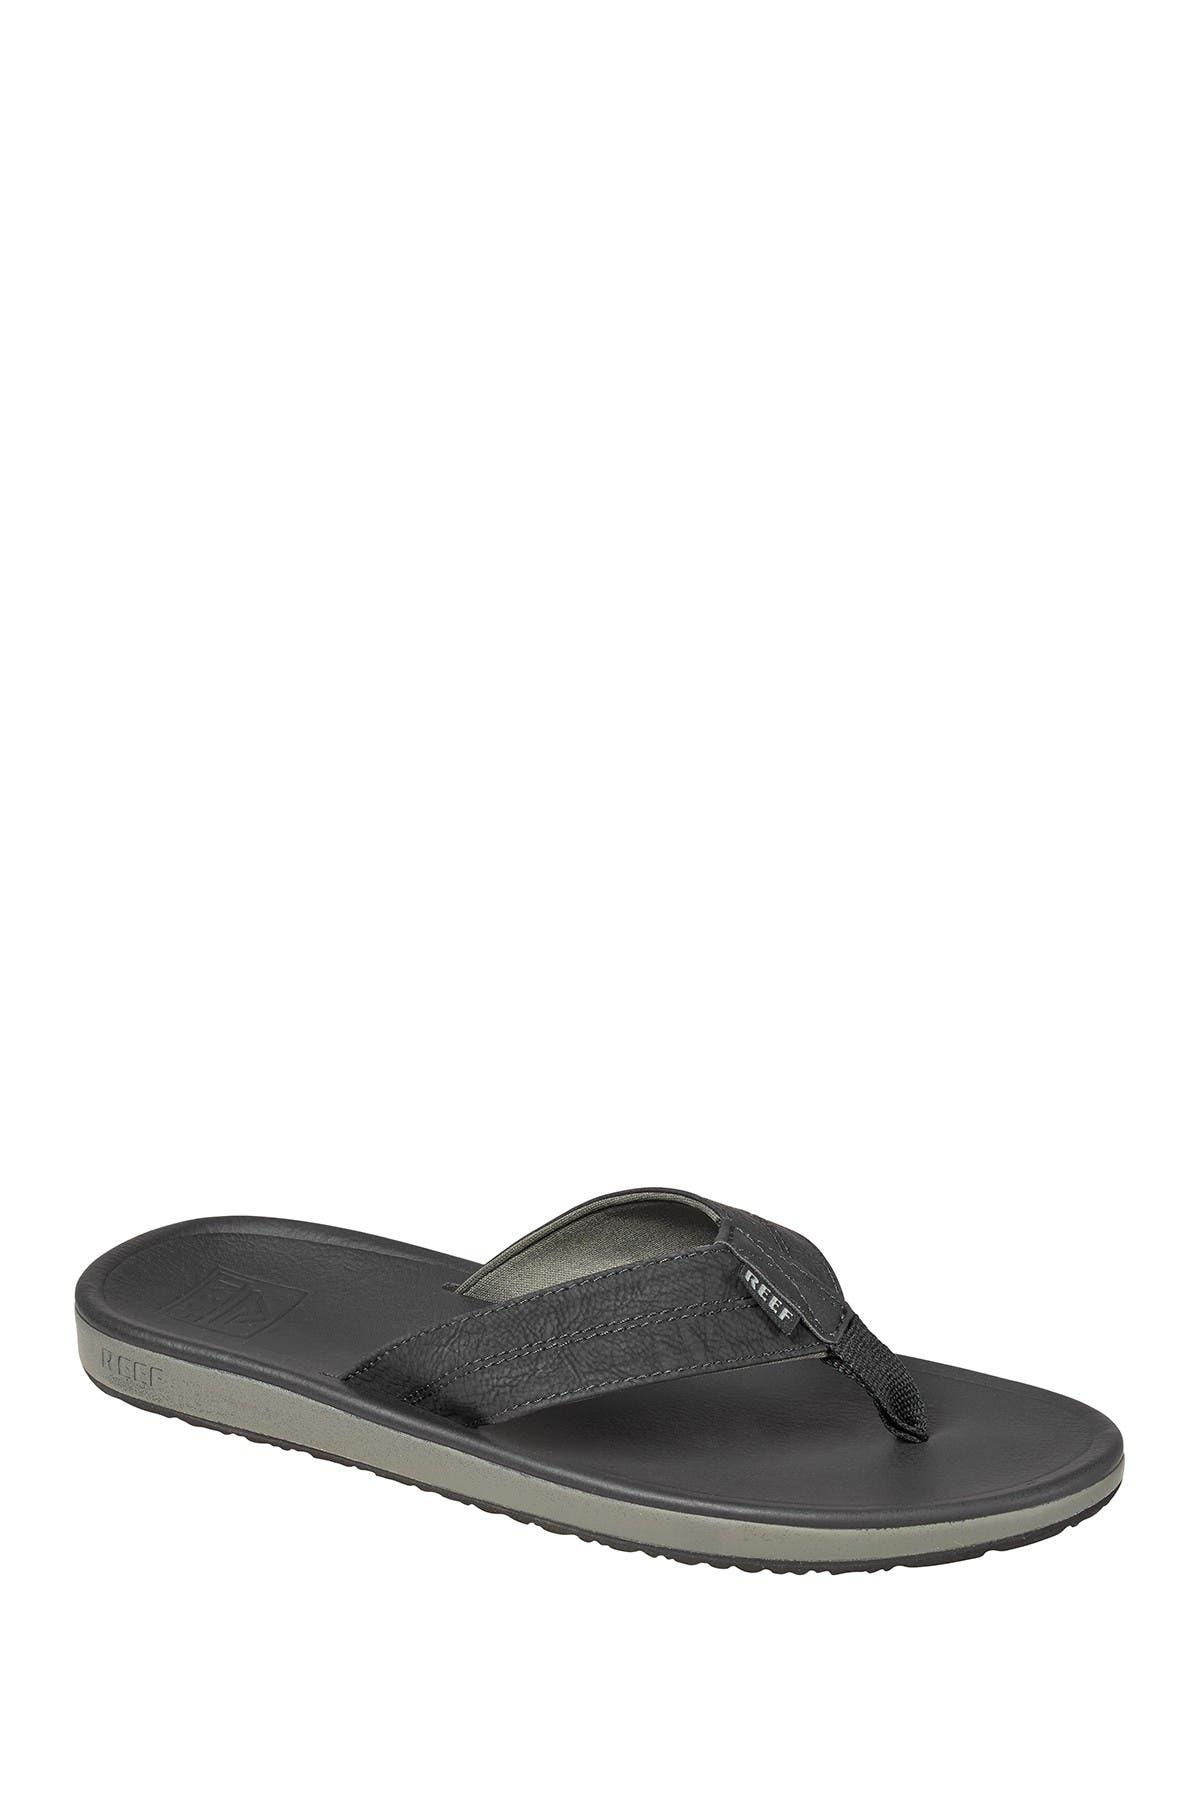 Image of Reef Journeyer Flip Flop Sandal